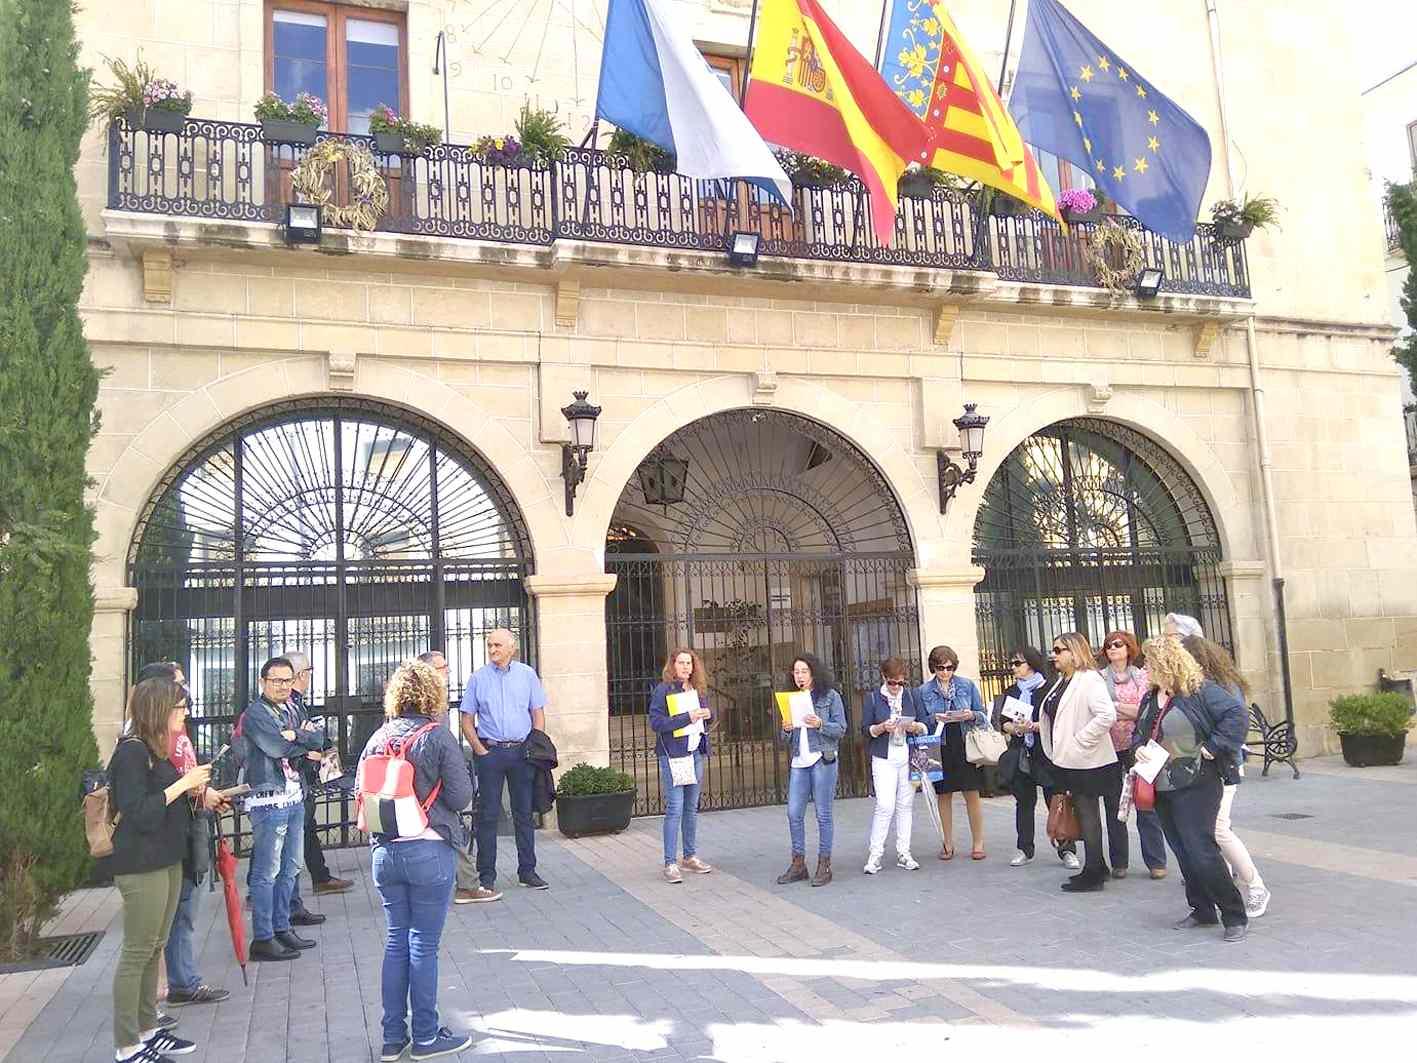 Castalla afig a la seua oferta turística les rutes guiades gratuïtes per l'univers d'Enric Valor